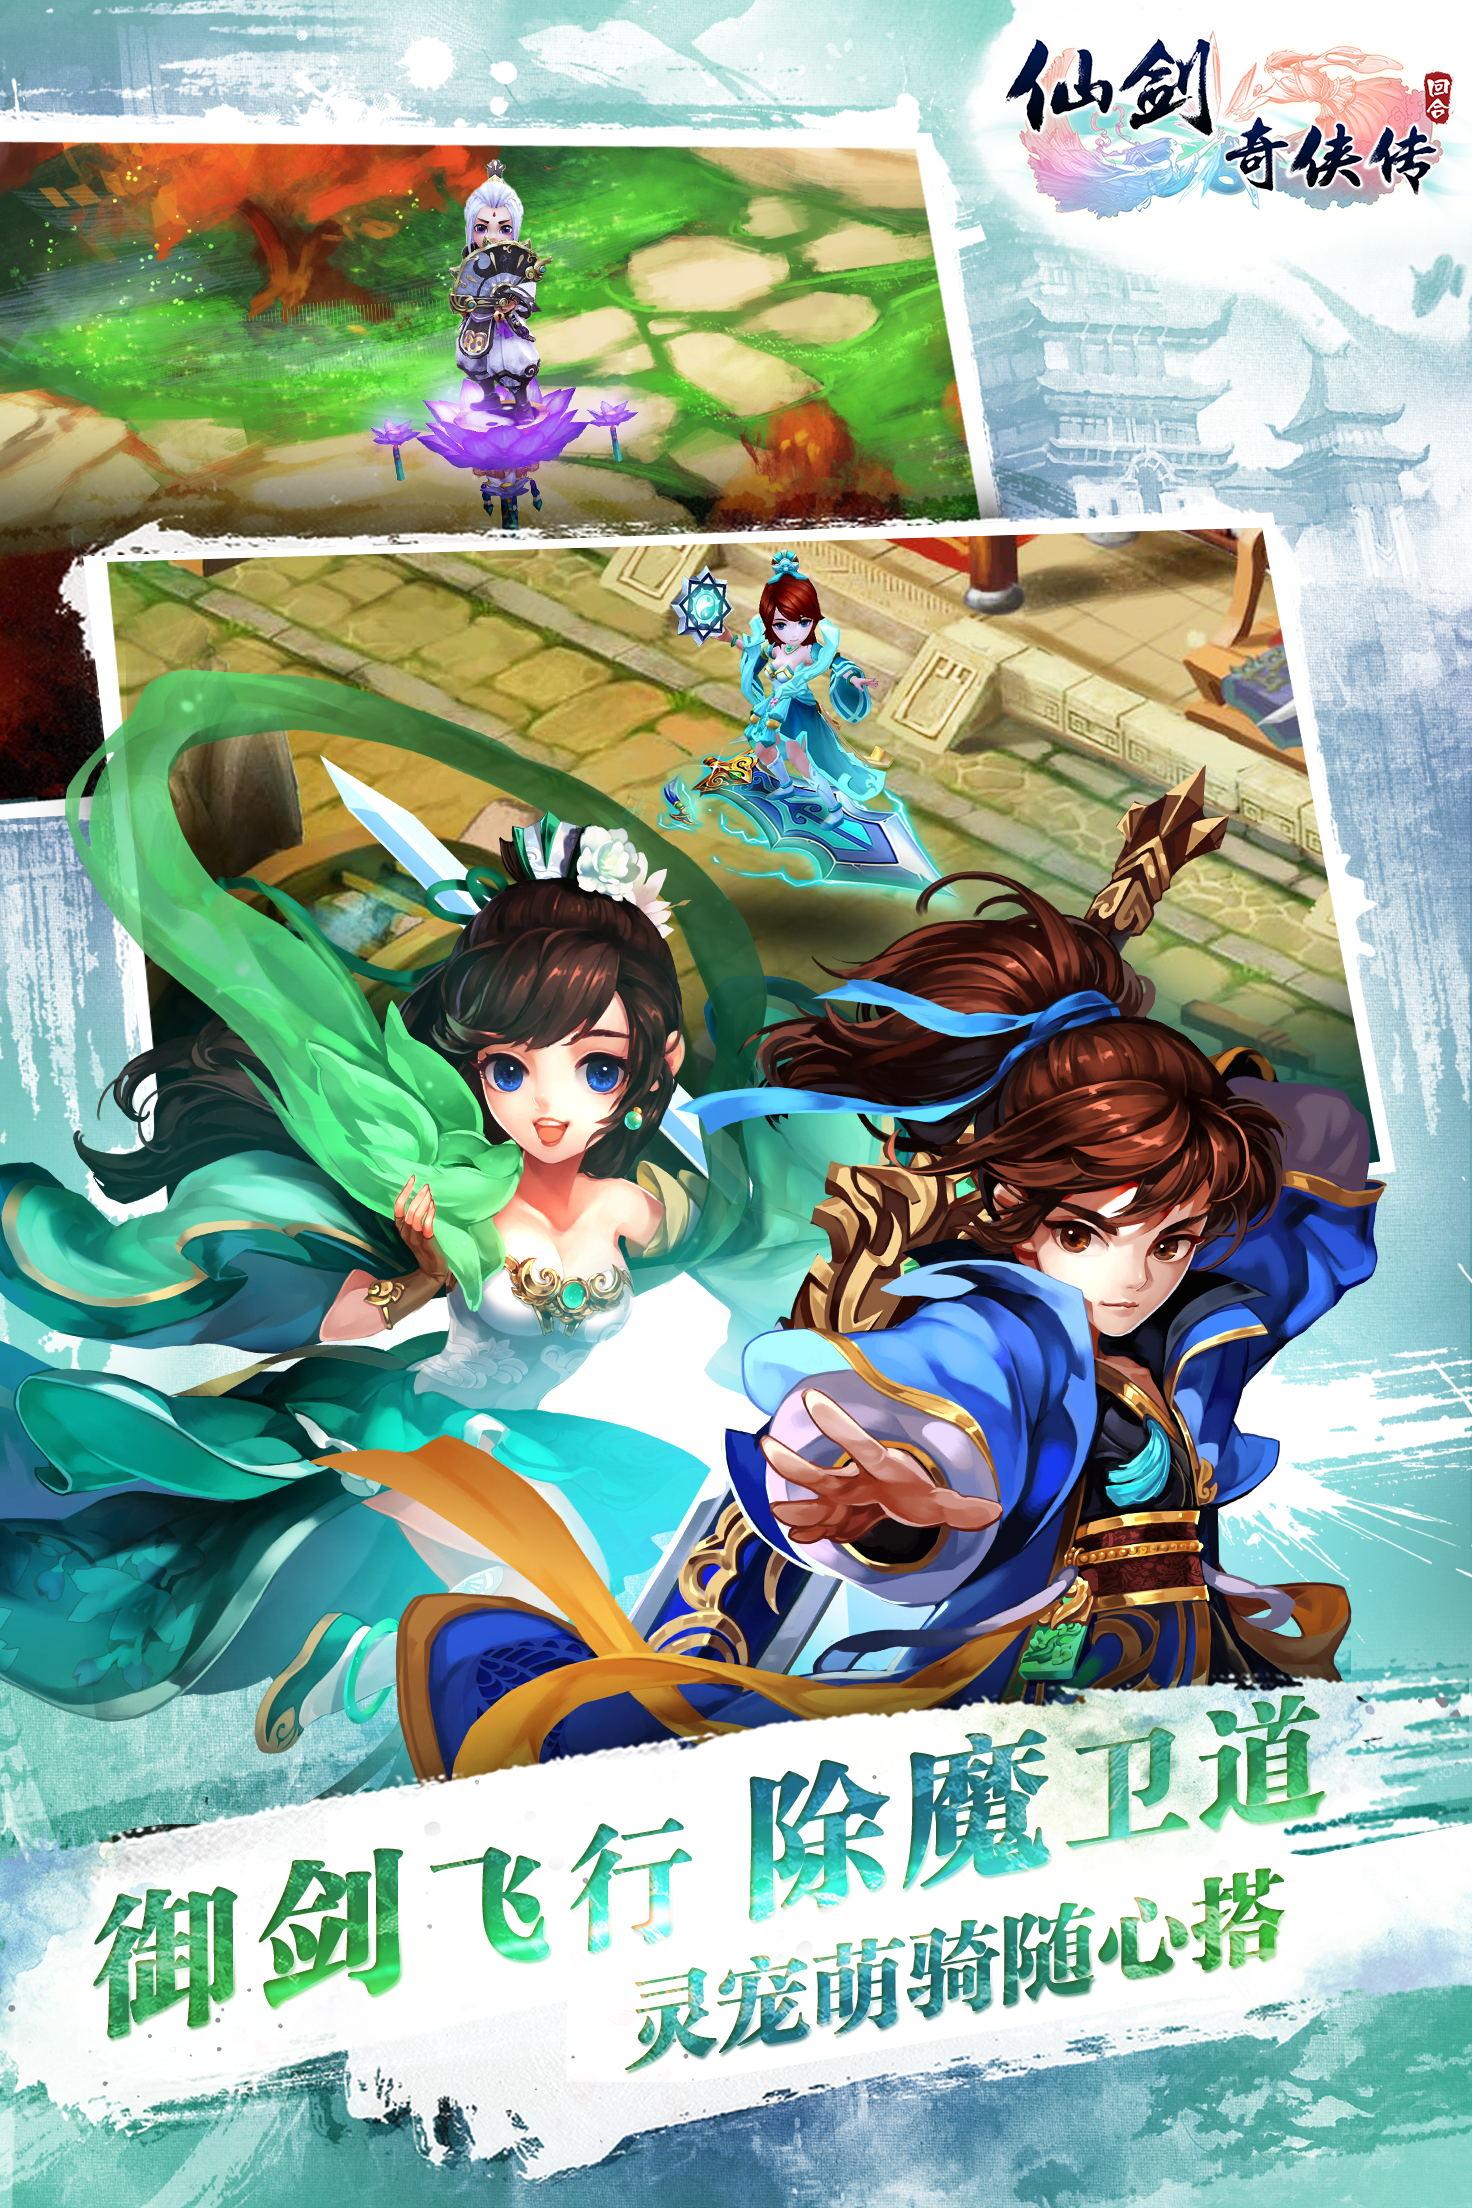 仙剑奇侠传3D回合游戏截图4